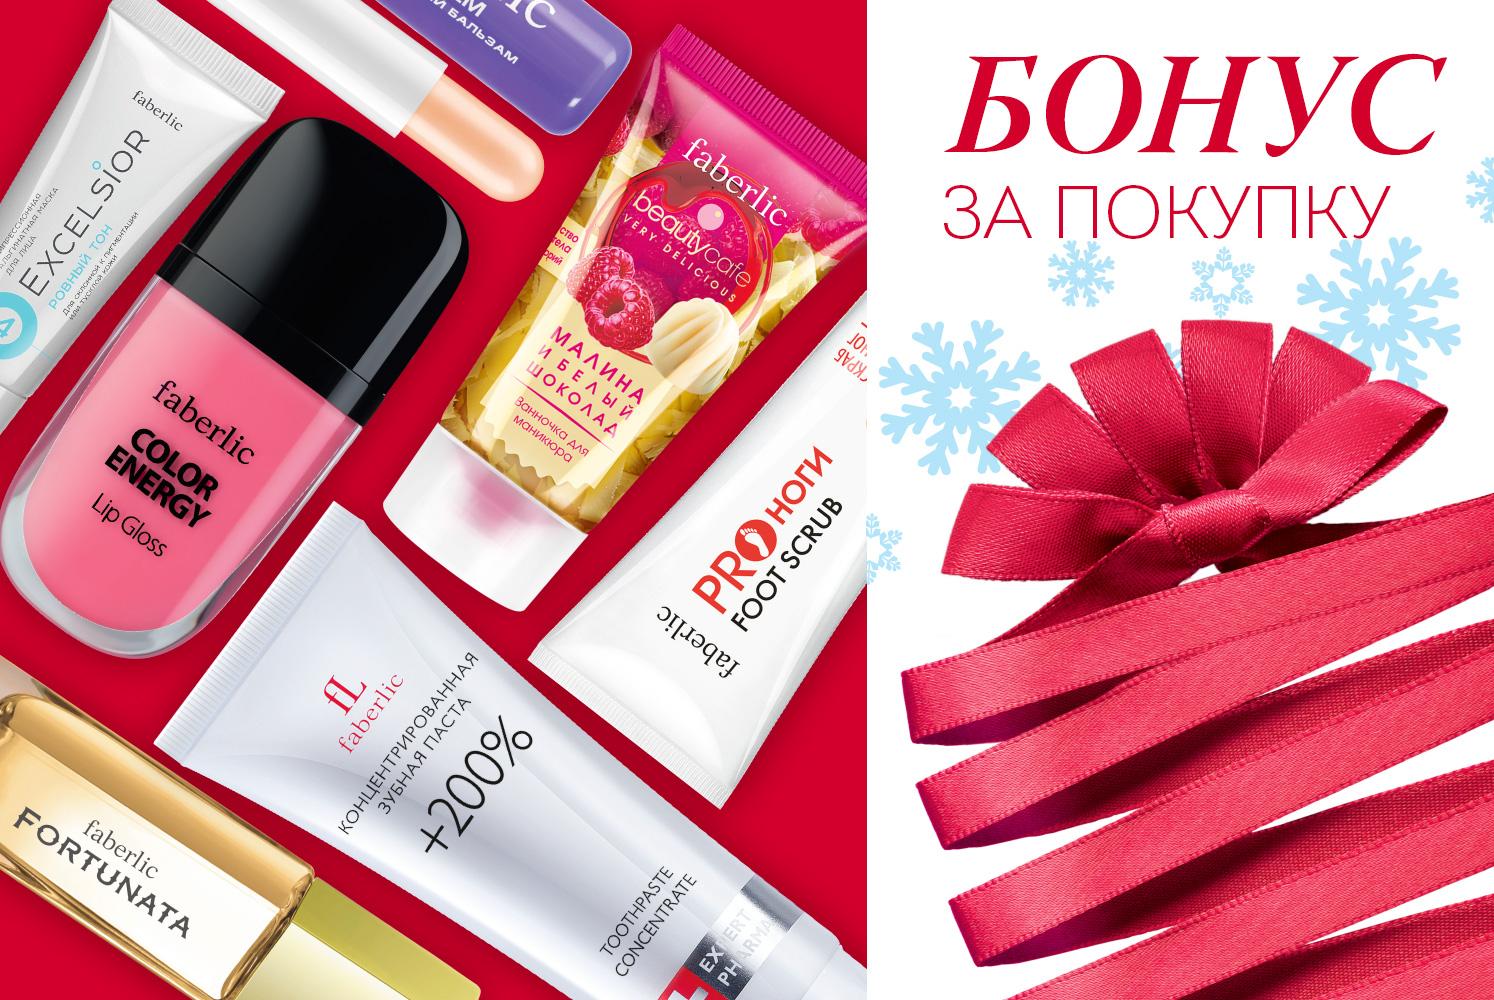 Праздничный шопинг: бонусы каталога №1